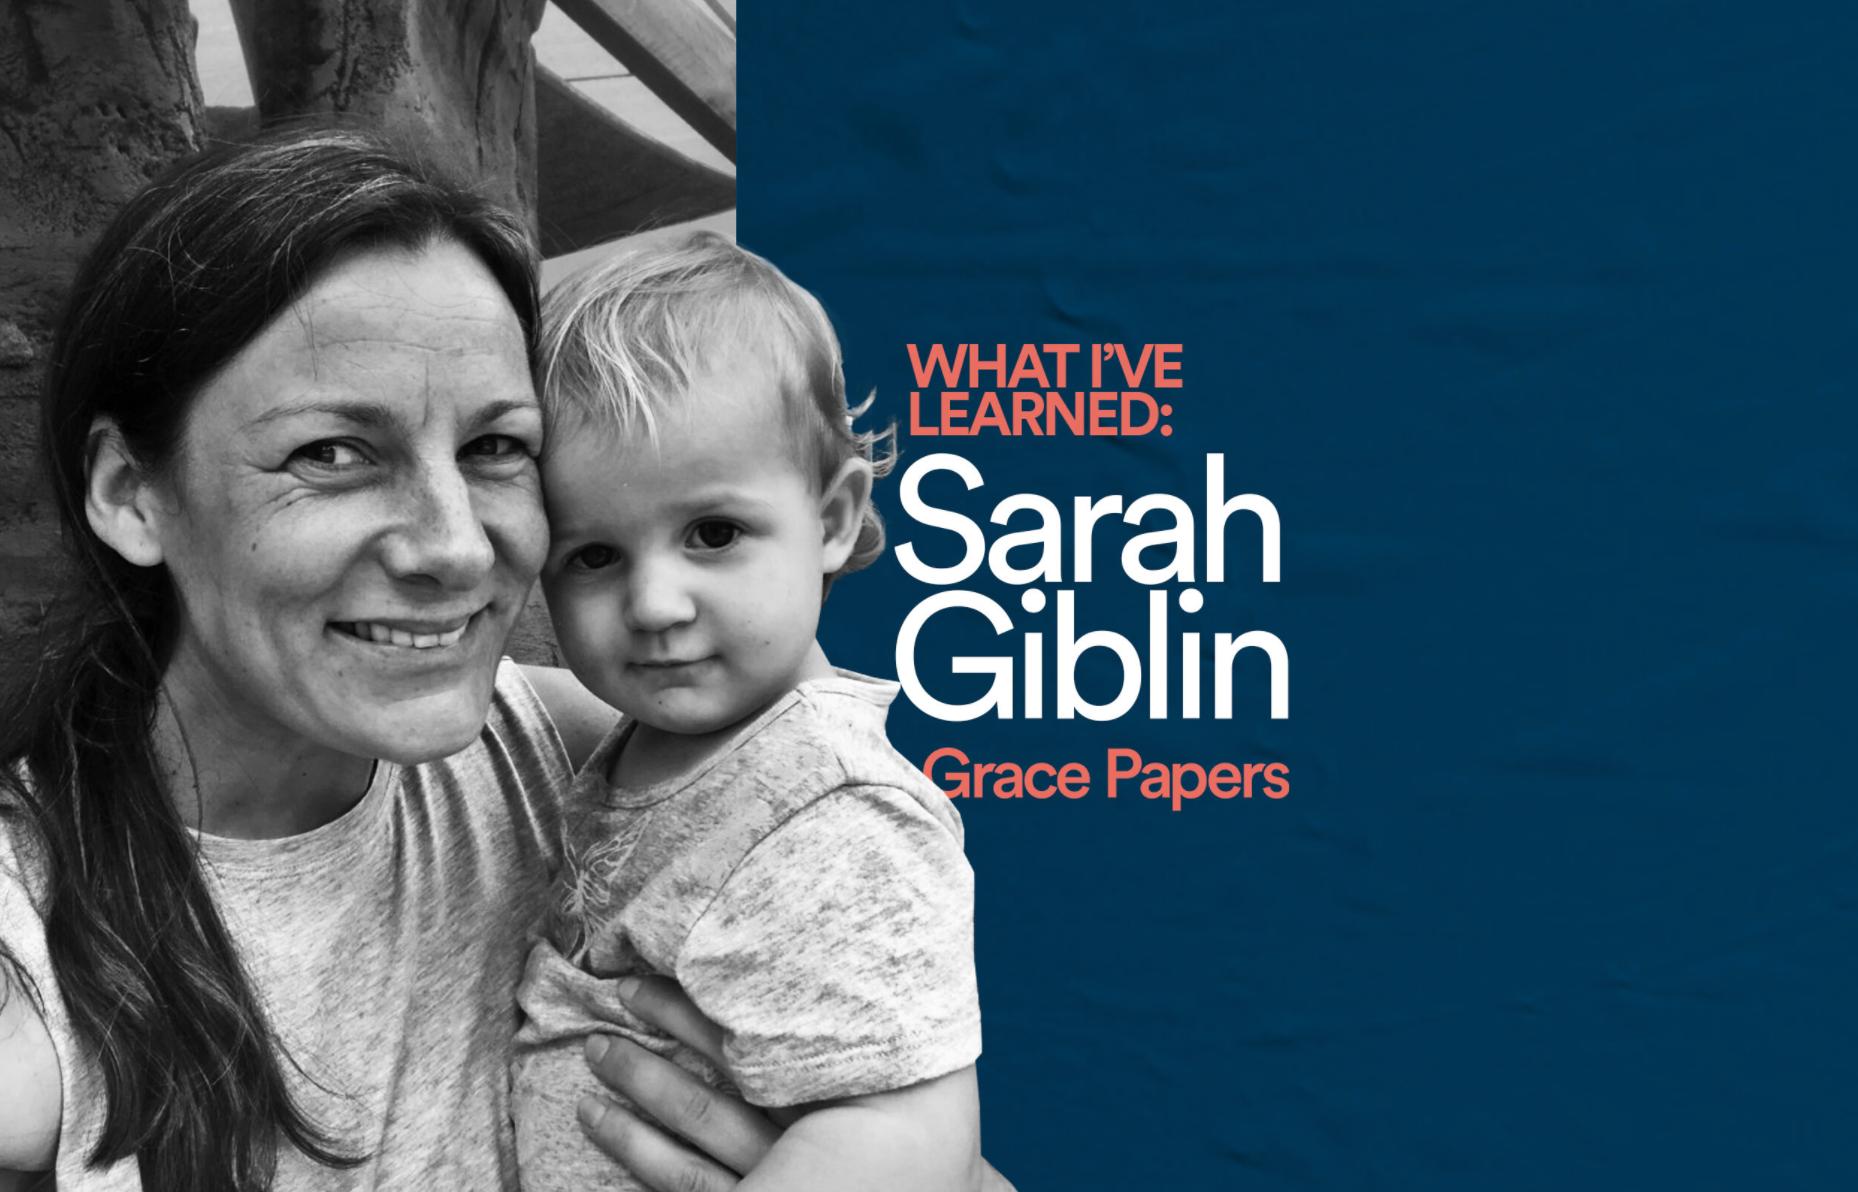 Sarah Giblin